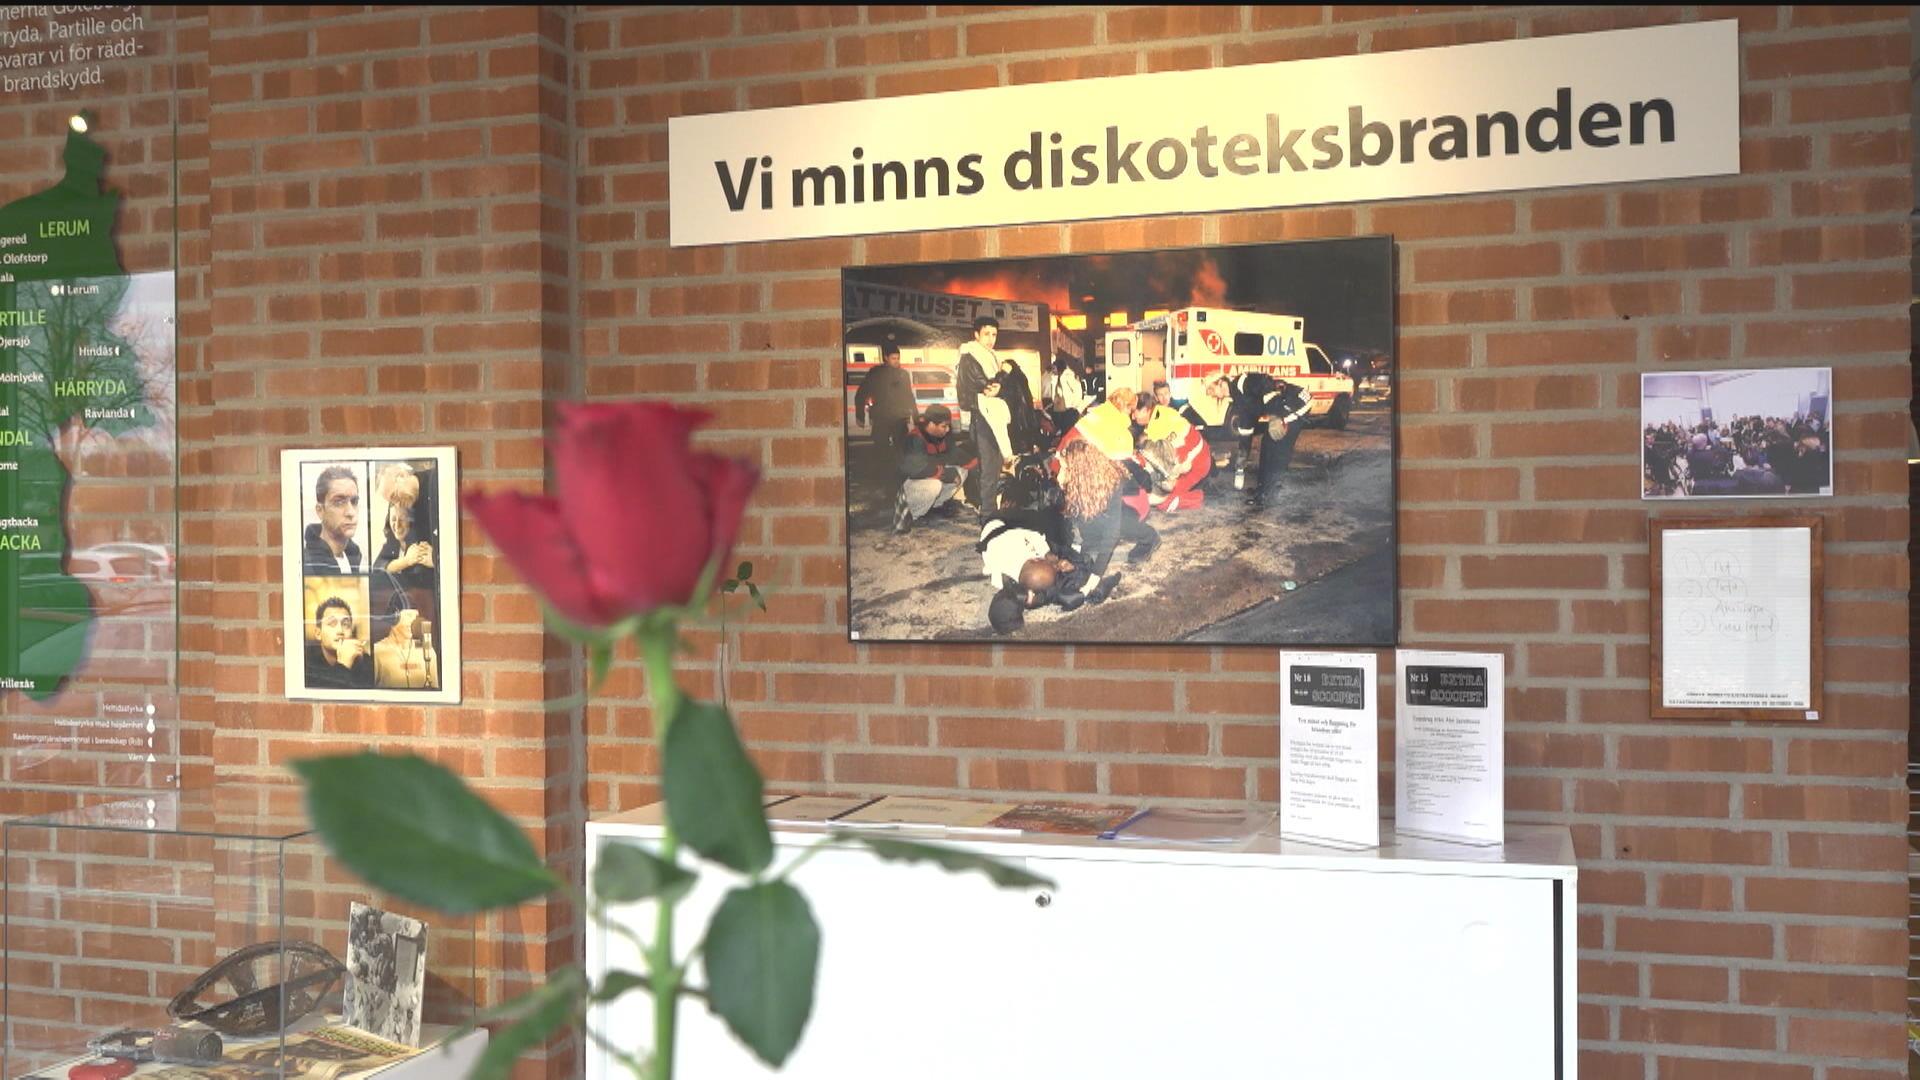 Brandsäkerhet Göteborg